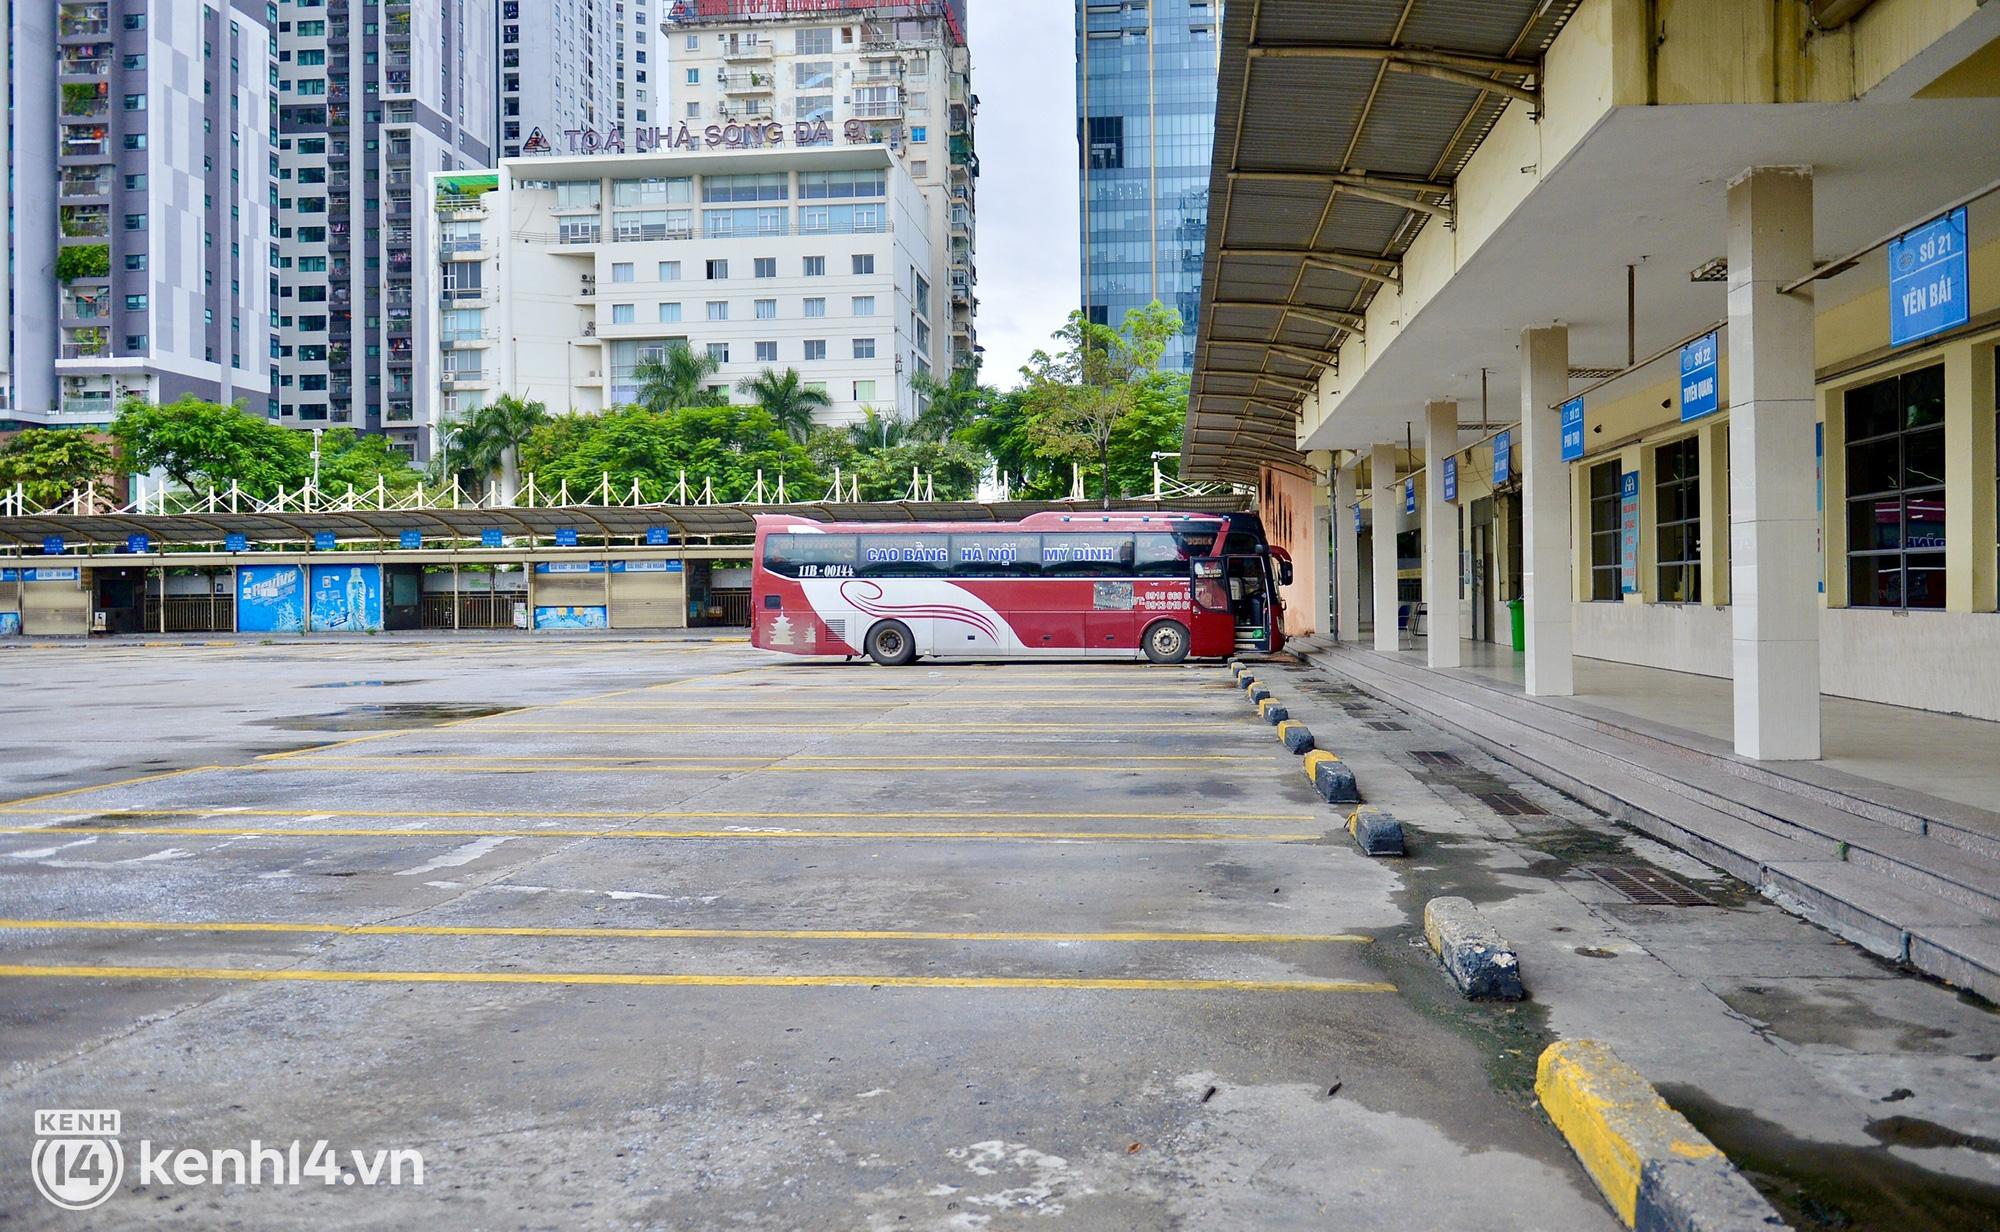 Hà Nội ngày đầu nối lại vận tải liên tỉnh: Cả bến xe chỉ có duy nhất 1 chuyến, nhiều người dân thất vọng phải quay về - Ảnh 2.